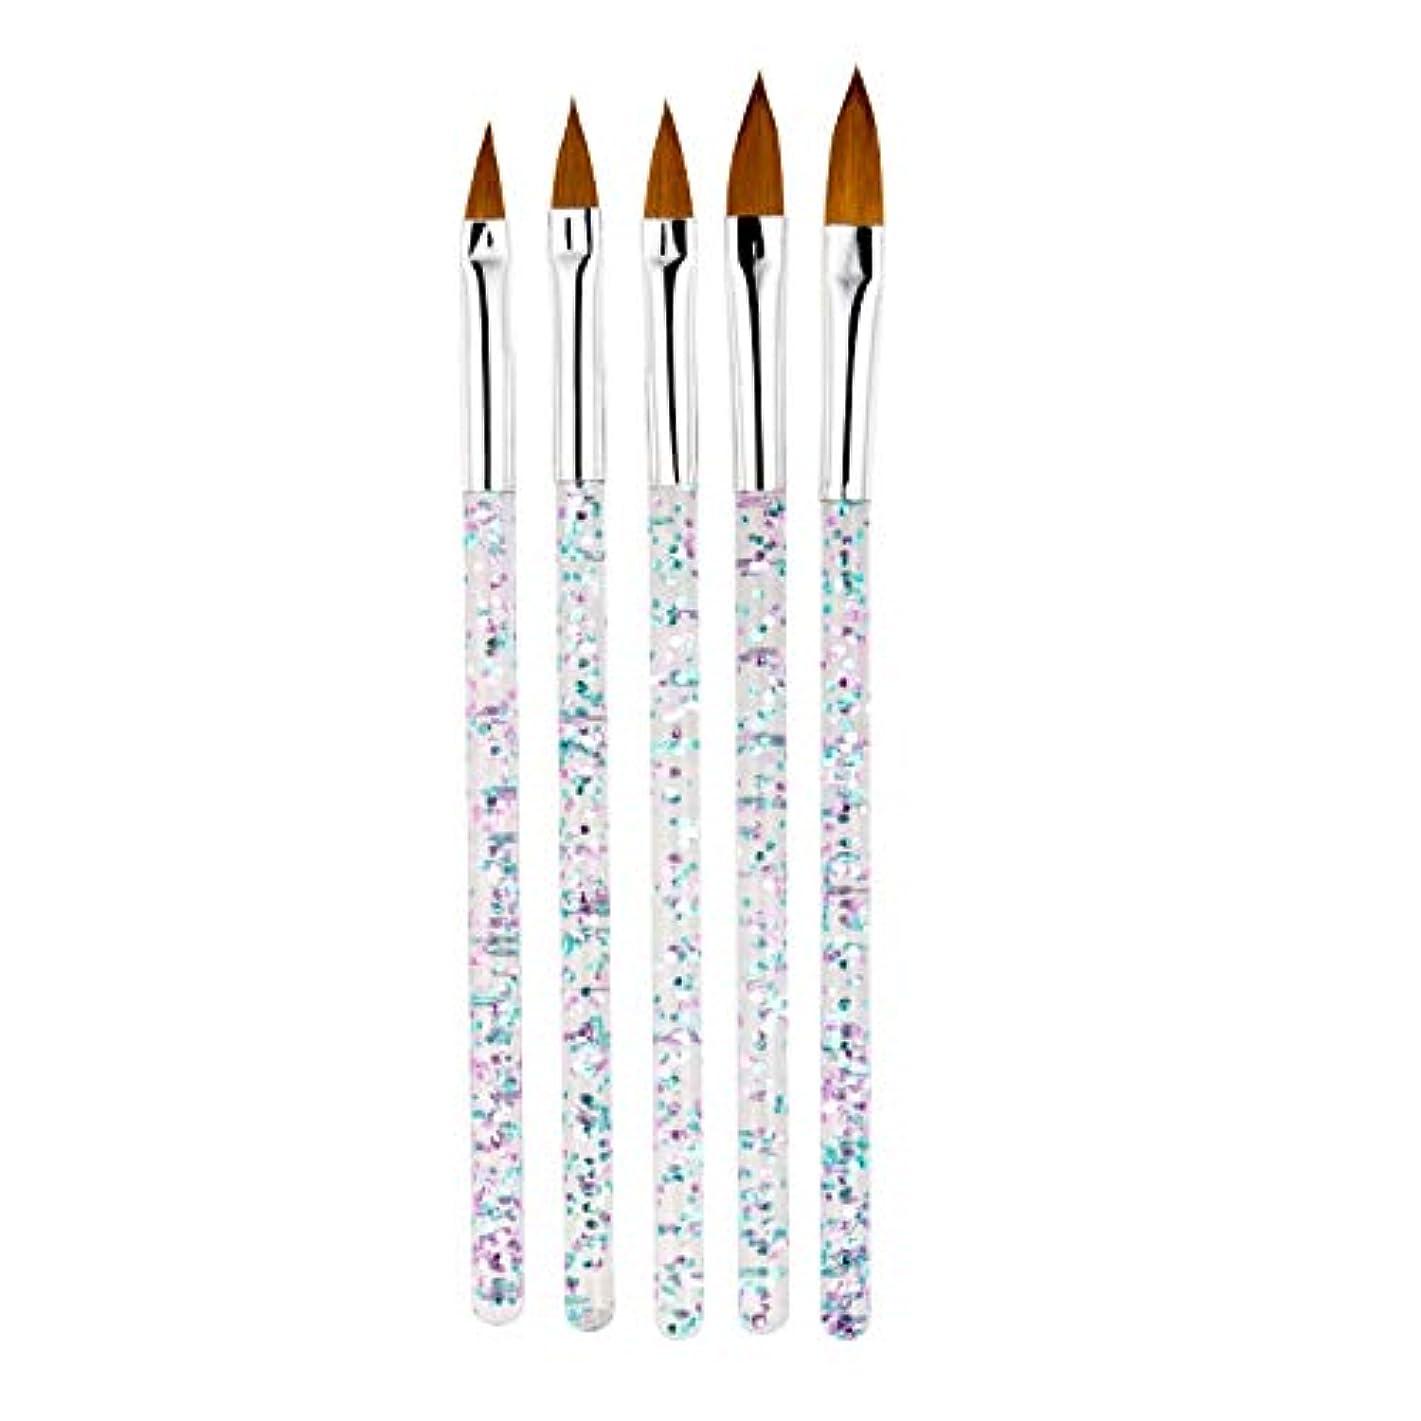 スープ依存する爪TOOGOO 5本/セット、11/13/15/17/19Mm ネイルアート水晶ブラシ、Uvジェルのビルダー、絵画用ドットペン、彫刻、先端、マニキュア、サロンのツール